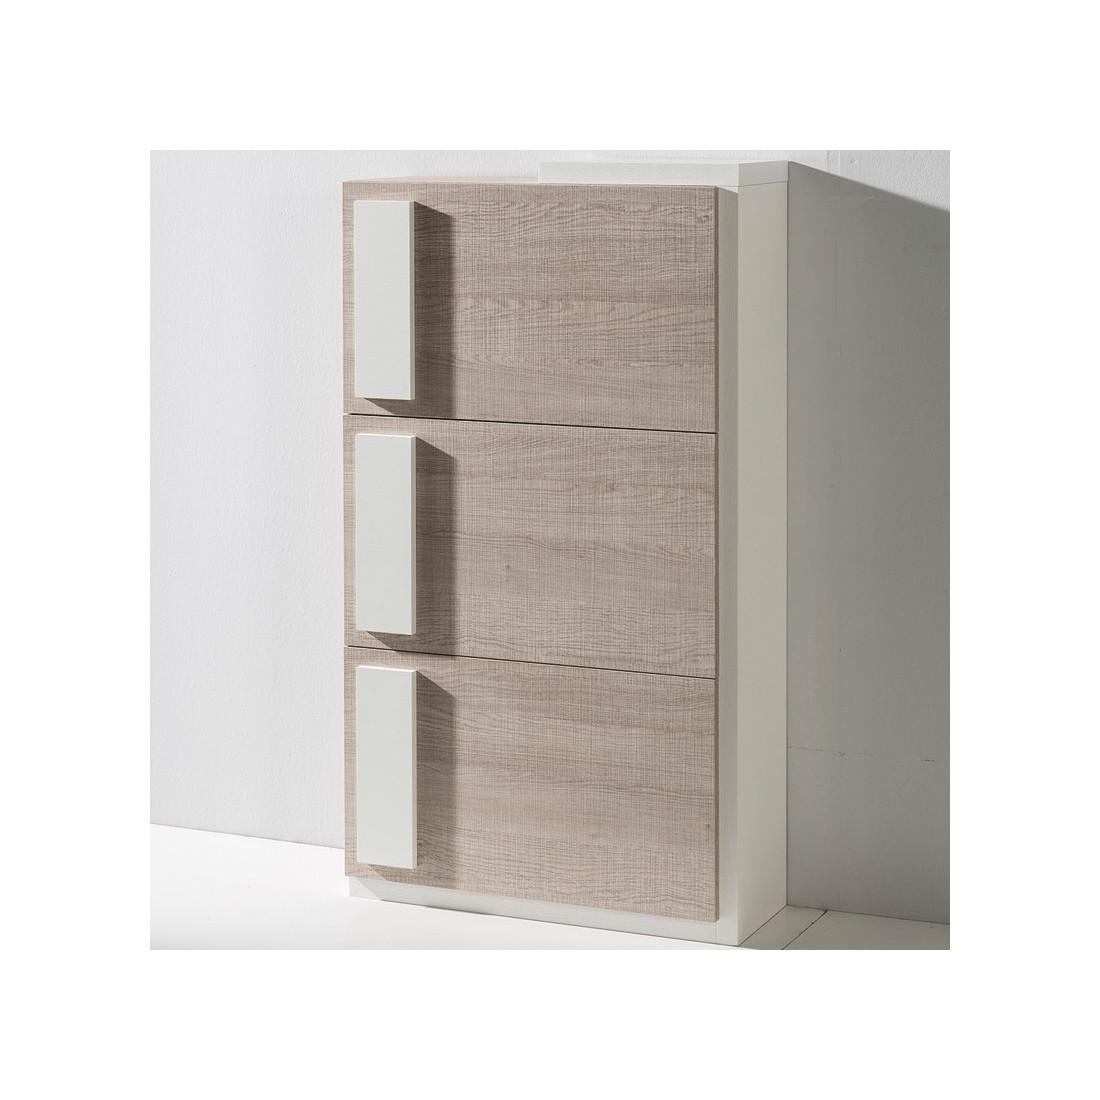 meuble chaussures ch ne clair kendall univers des petits meubles. Black Bedroom Furniture Sets. Home Design Ideas